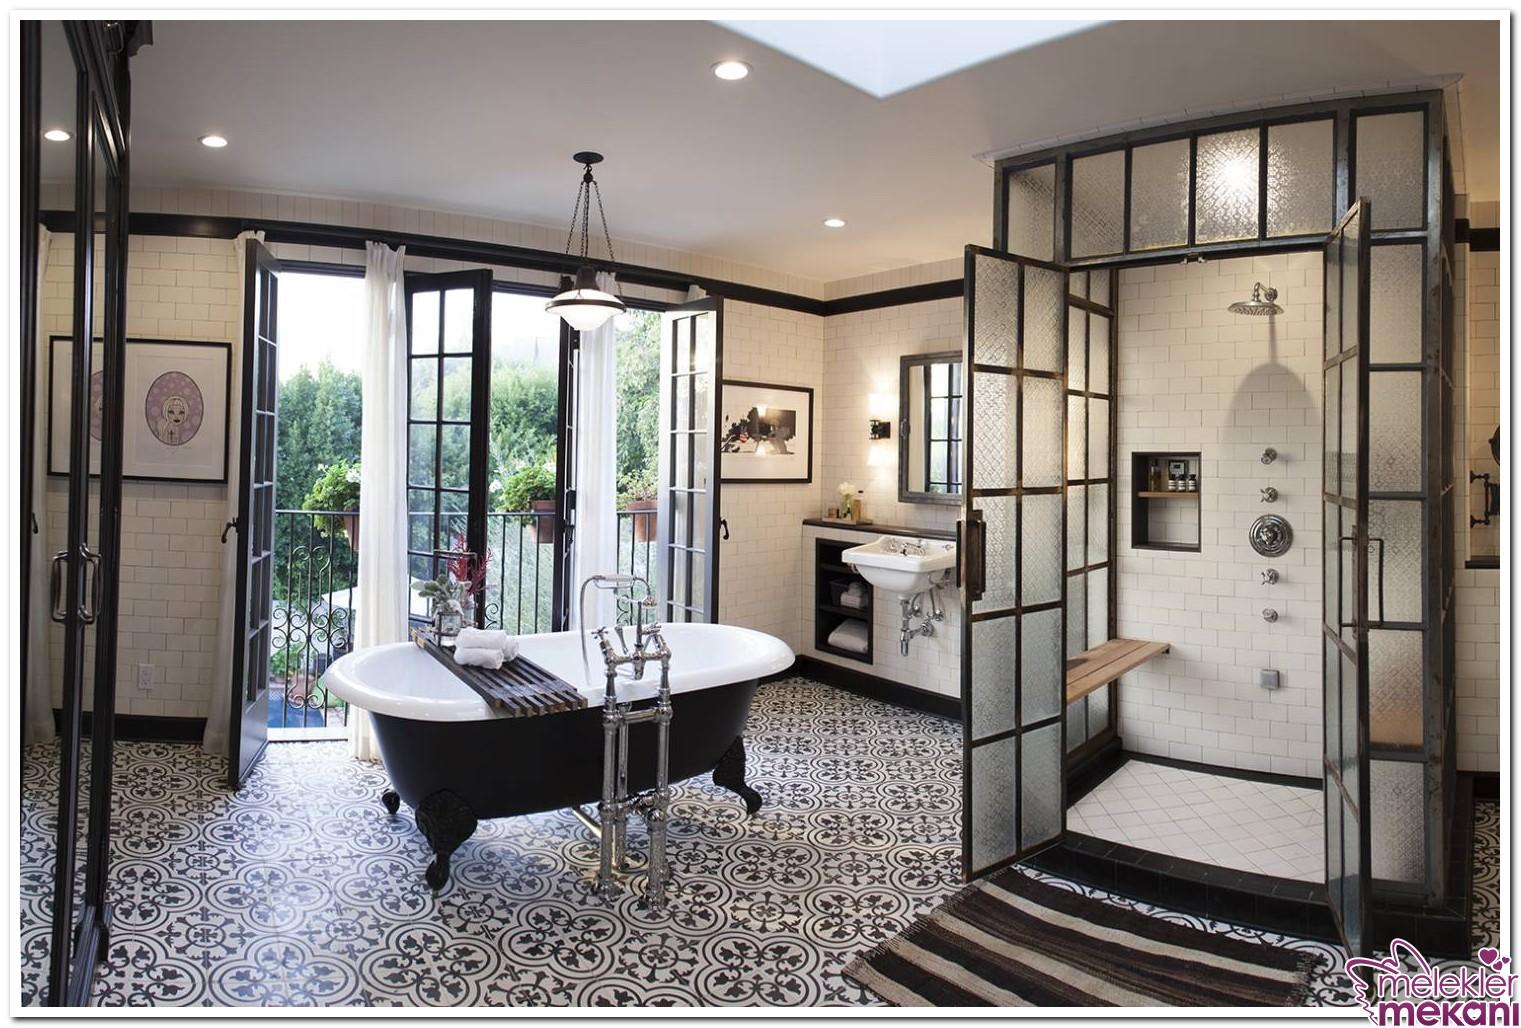 9-jpg.81217 Duşakabinli ve küvetli banyo modelleri Melekler Mekanı Forum